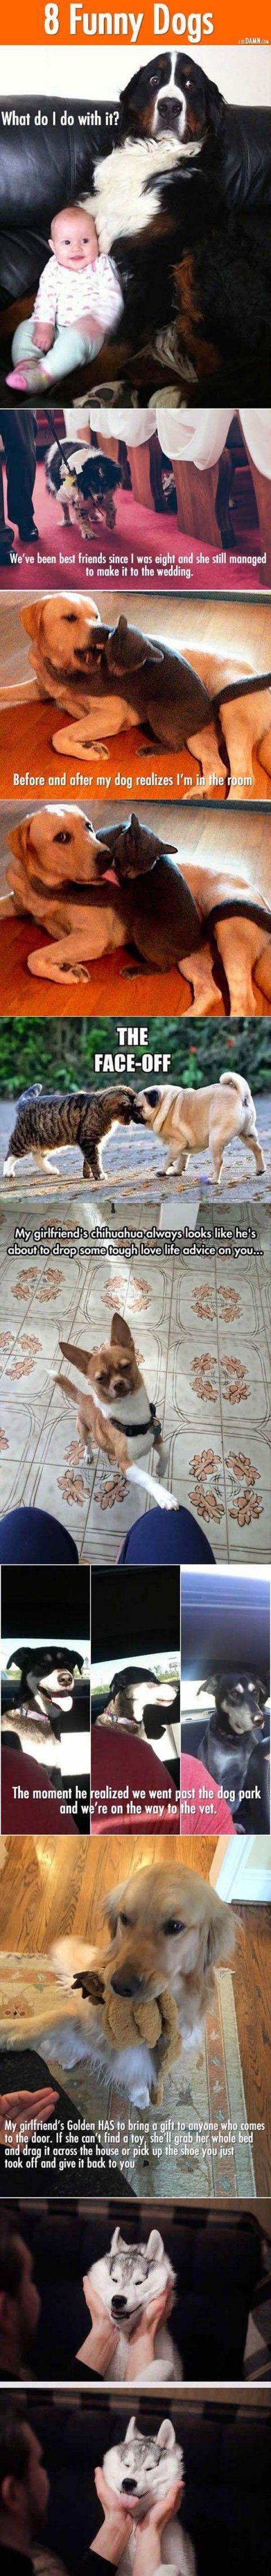 Diese 8 #Hunde werden euch sicher zum Lachen bringen! #lustig #funny #dogs